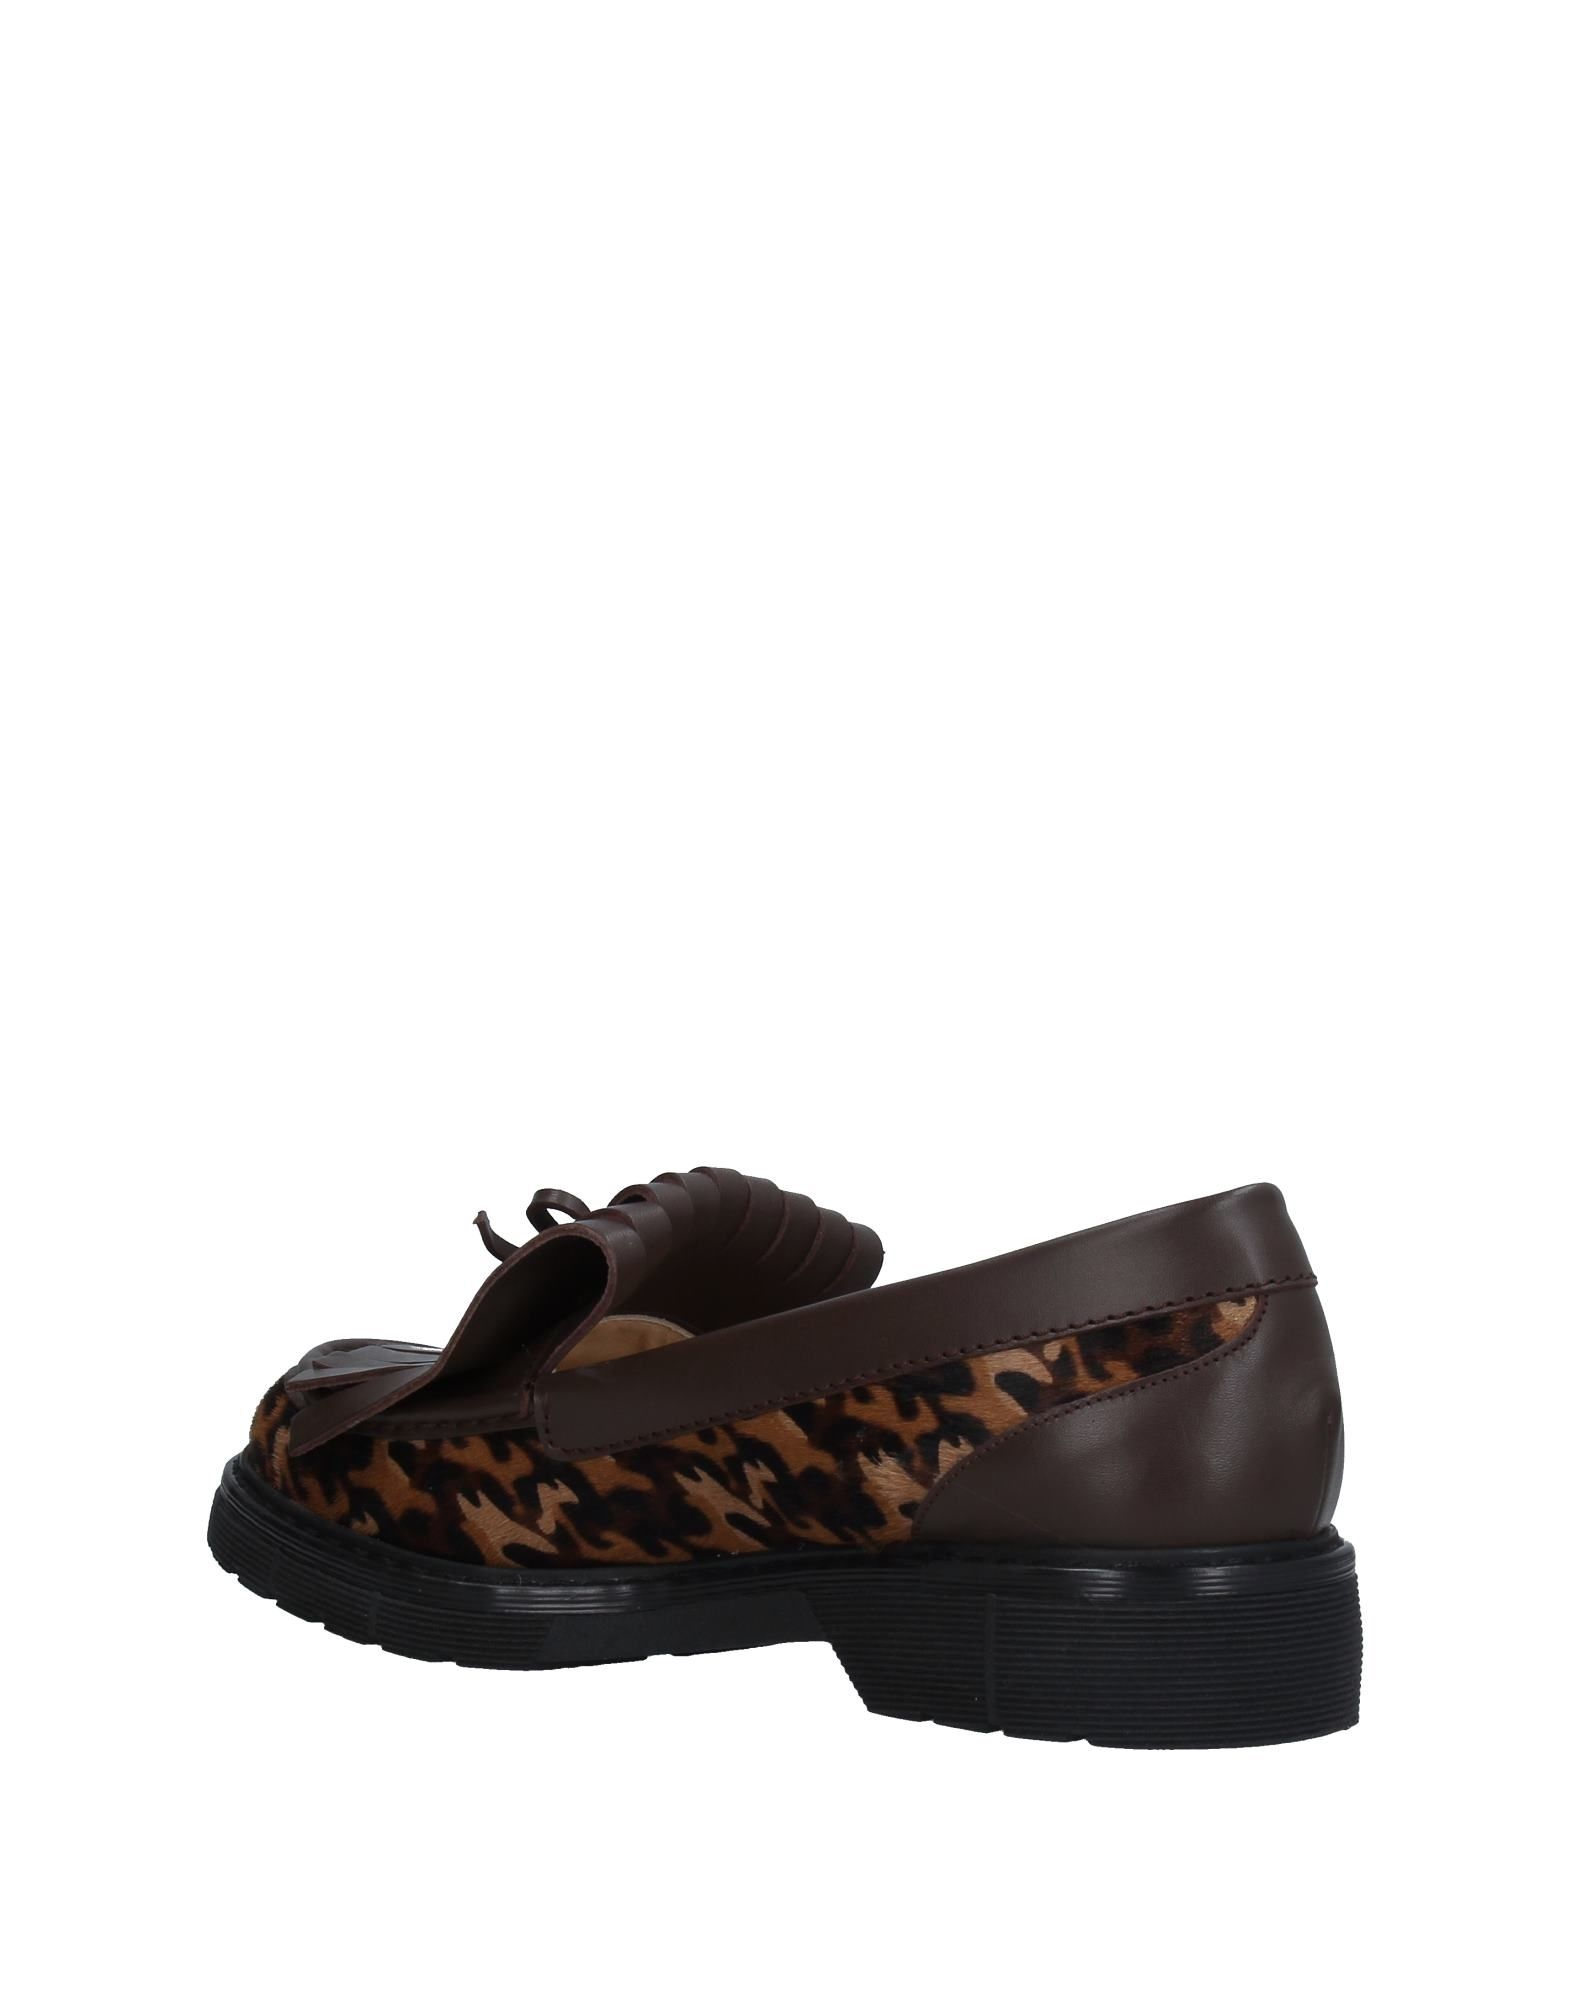 Gut tragenL' um billige Schuhe zu tragenL' Gut Autre Chose Mokassins Damen  11256557MU ec3fdb